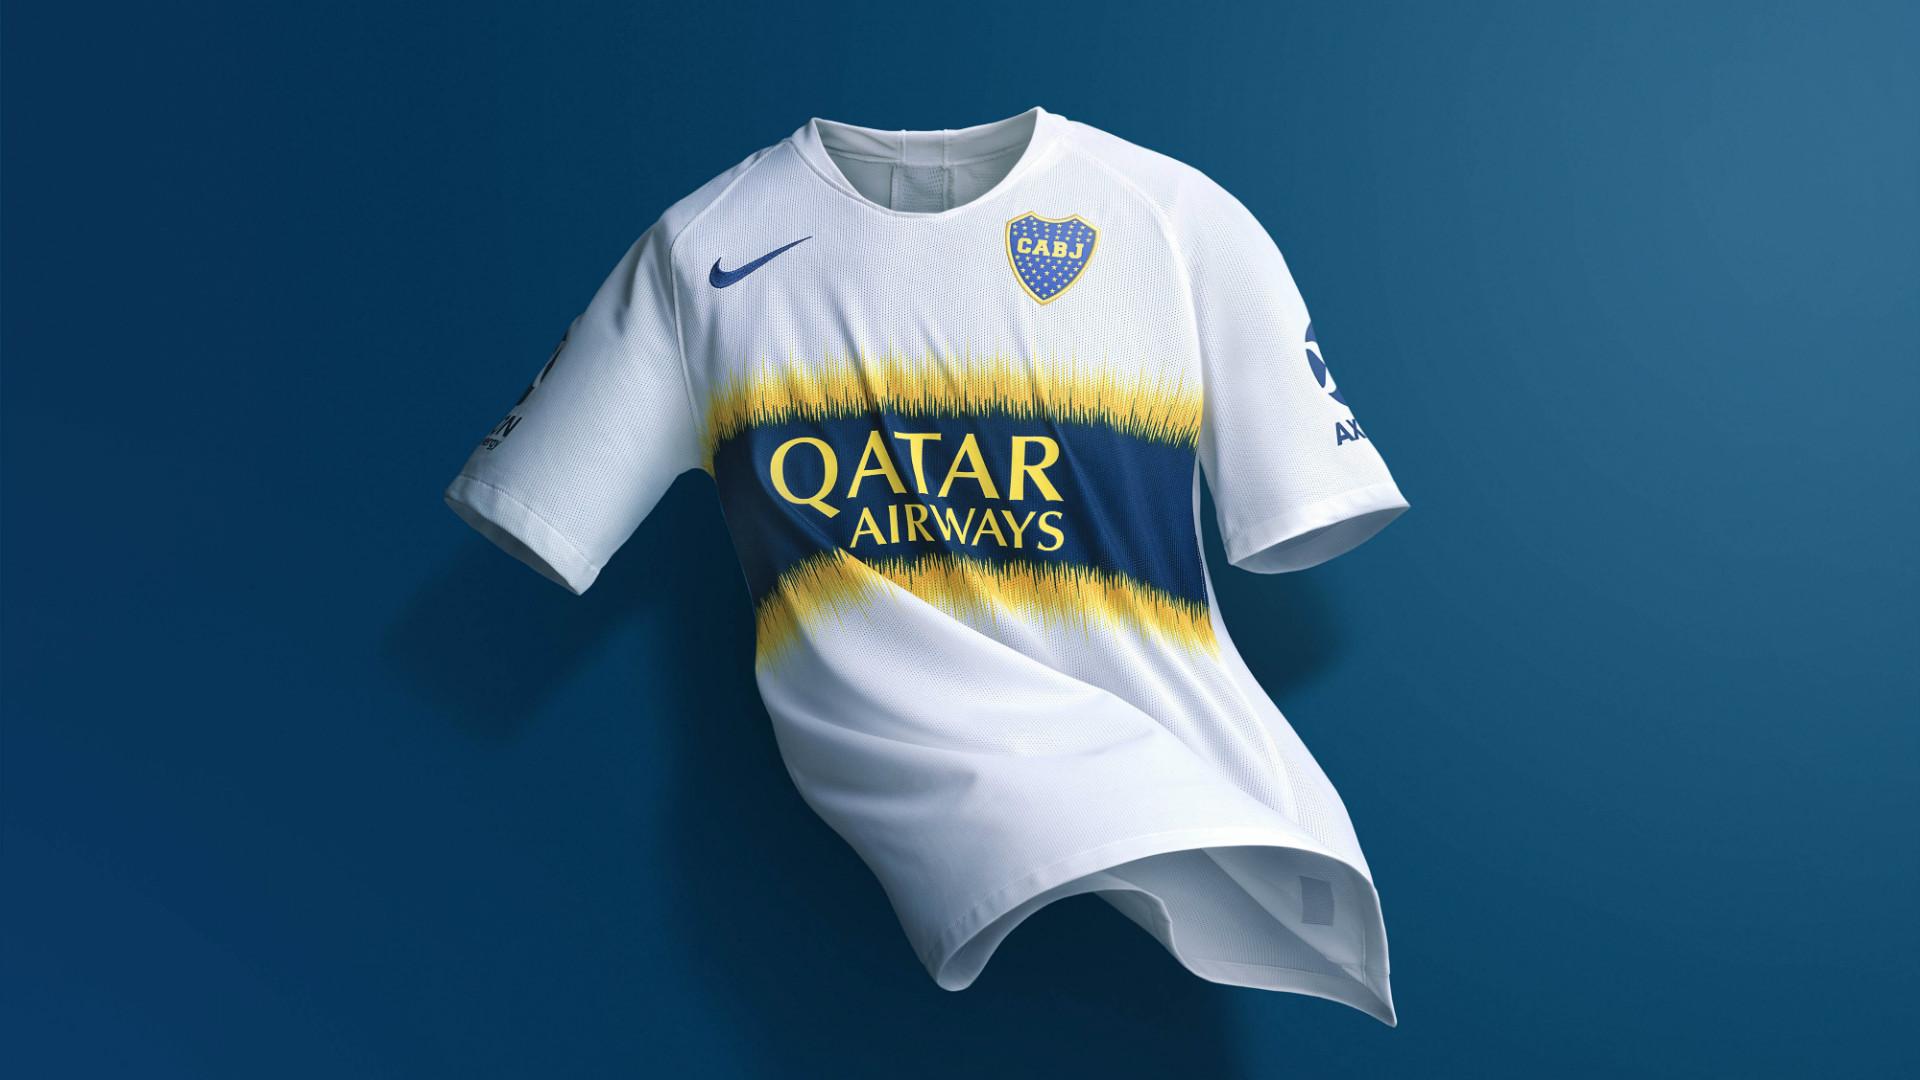 El detalle en la nueva camiseta de Boca Juniors que no